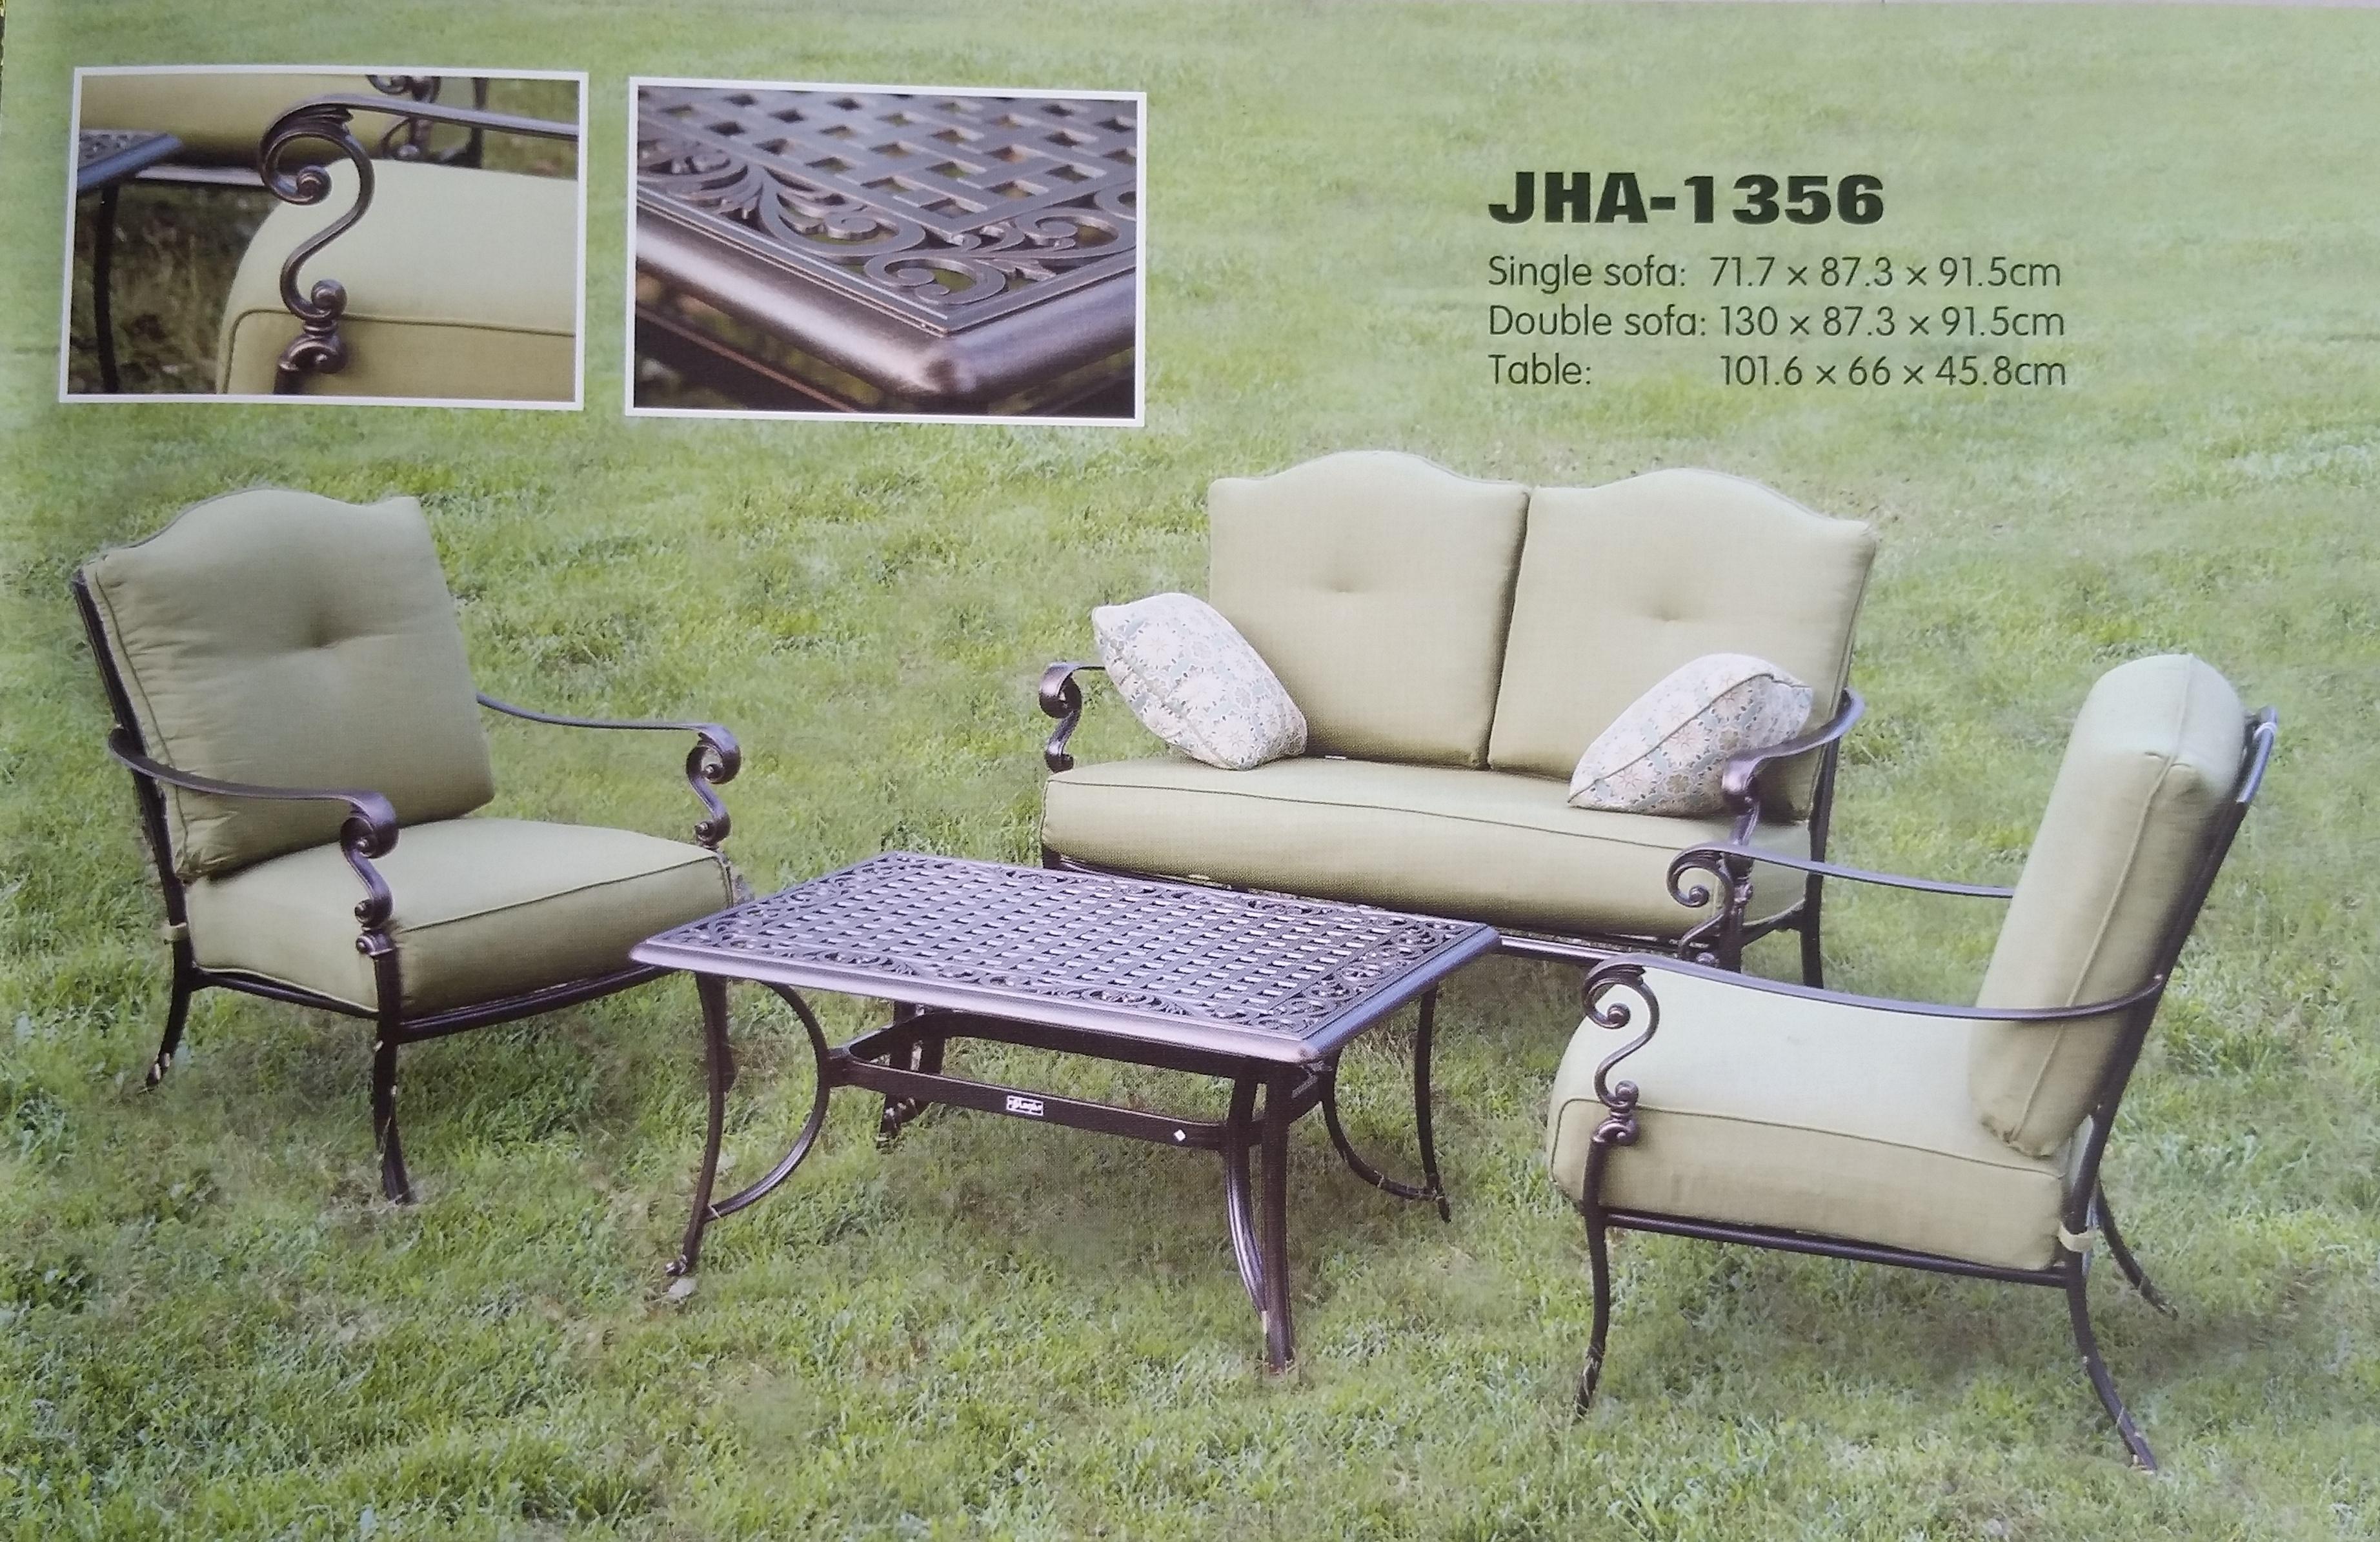 Lawn Furniture Manufacturer